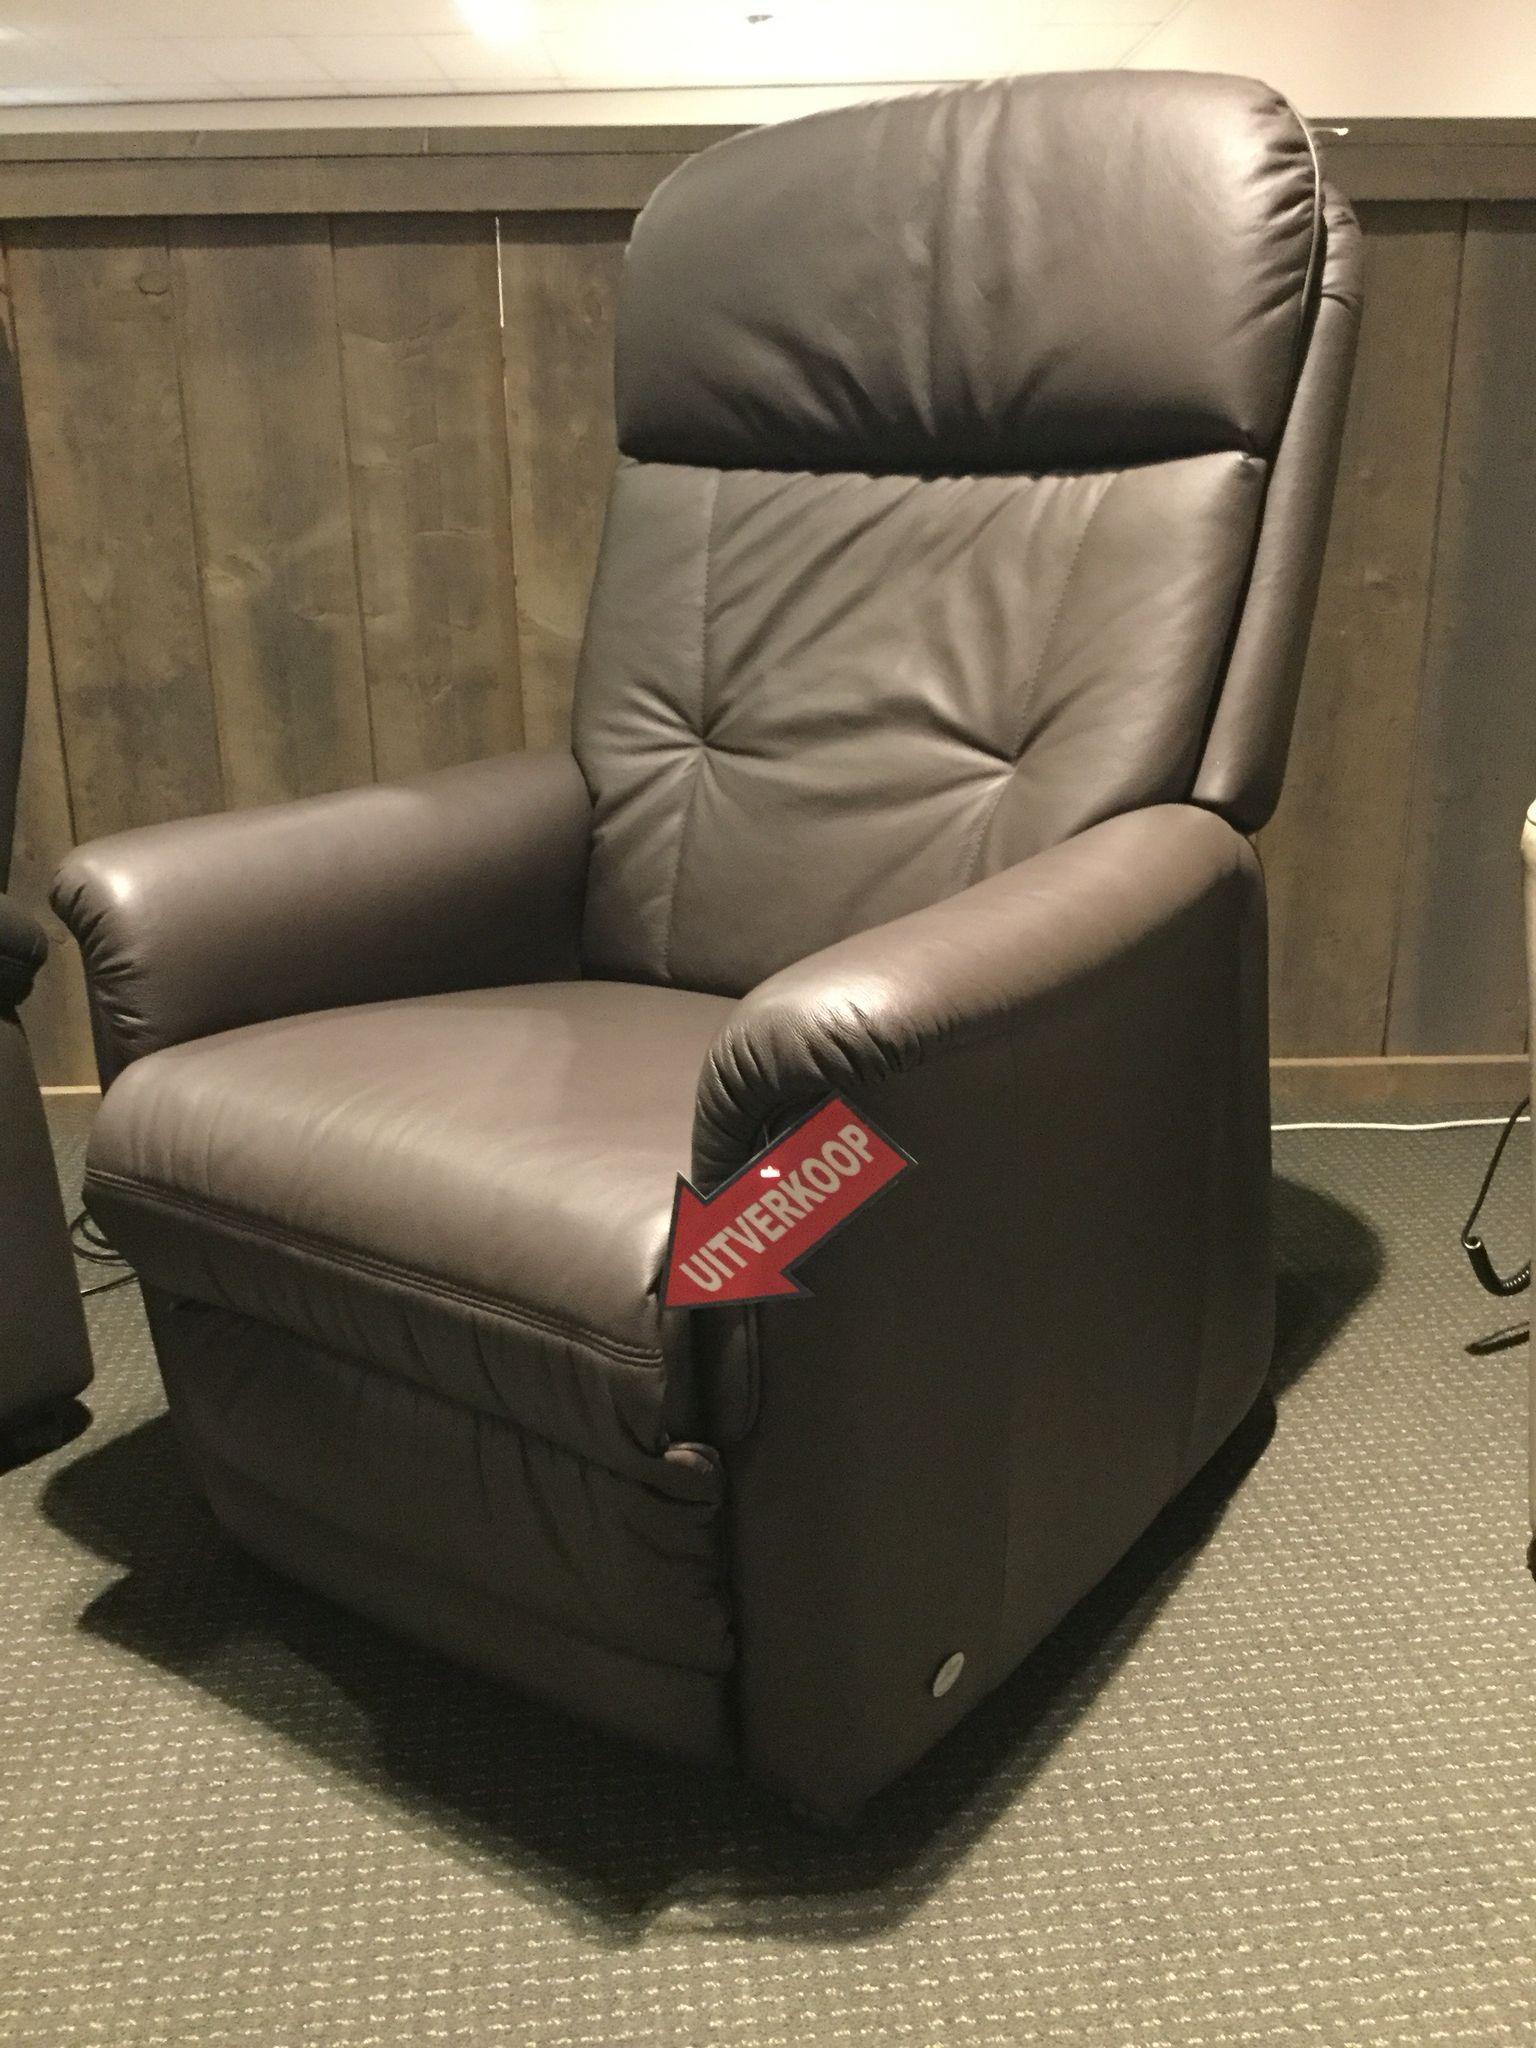 Relaxfauteuil Leder Elektrisch.Relaxfauteuil 7713 Van Himolla In Leder Elektrische Verstelling Van